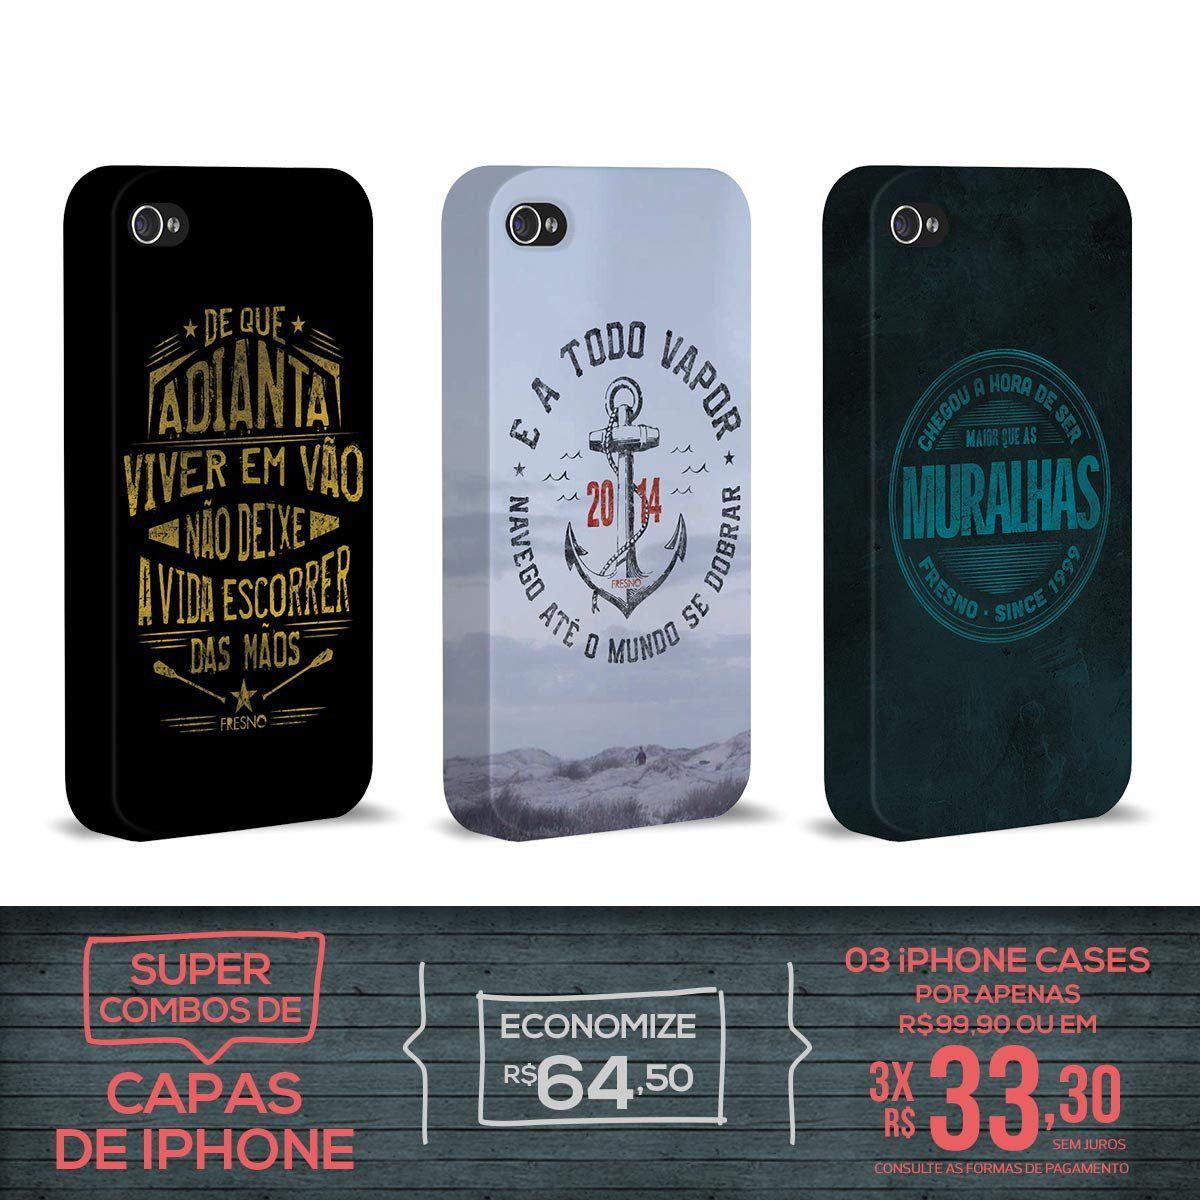 Kit Com 3 Capas de iPhone 4/4S Fresno - Farol